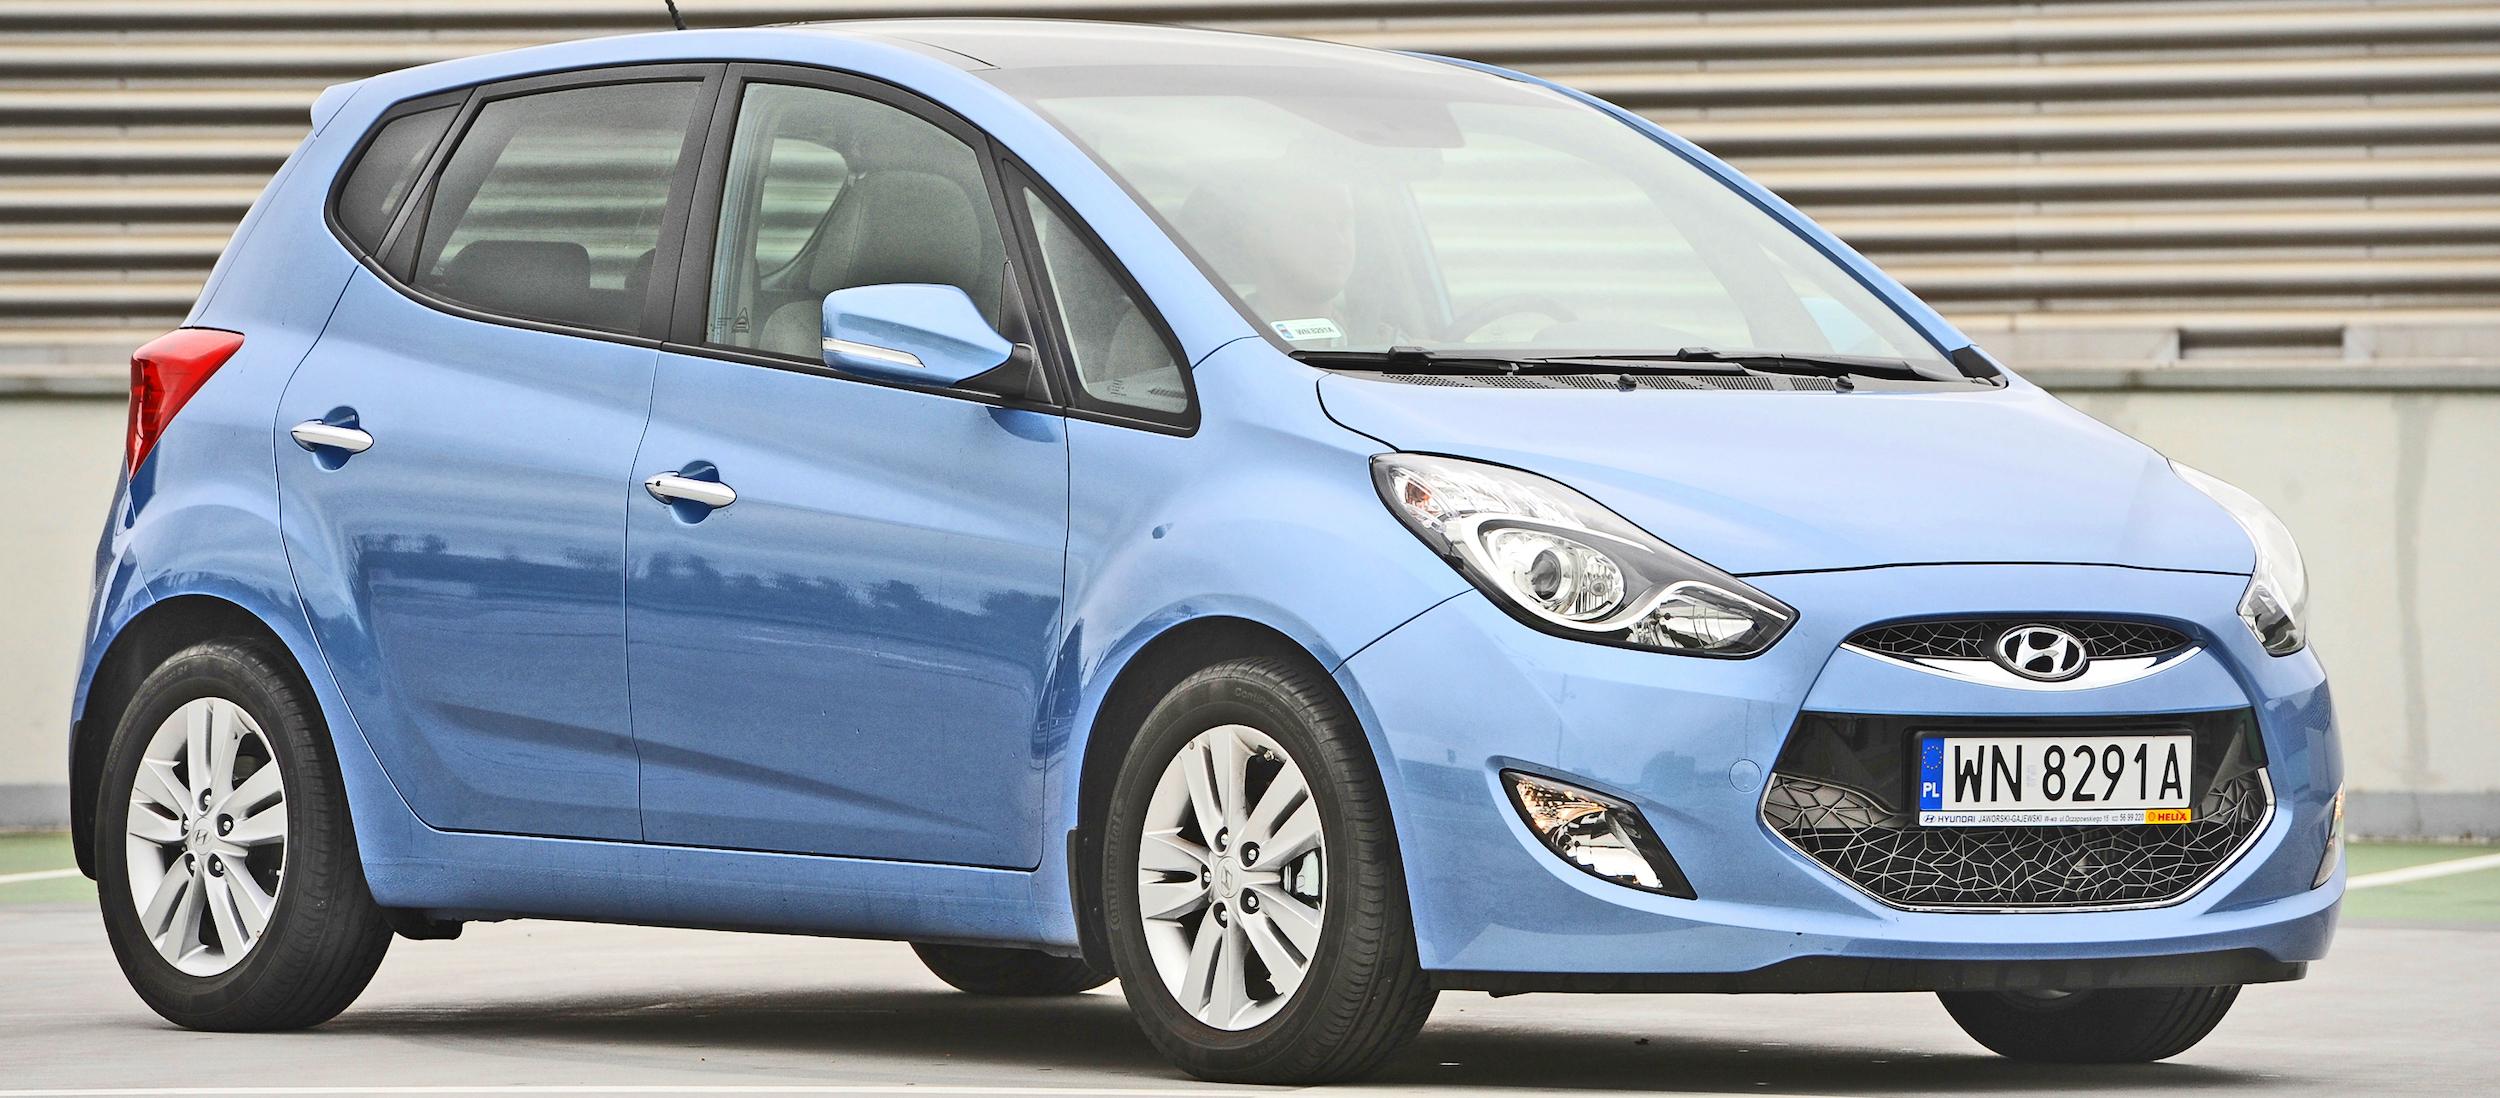 Hyundai ix20 (2010-2019)